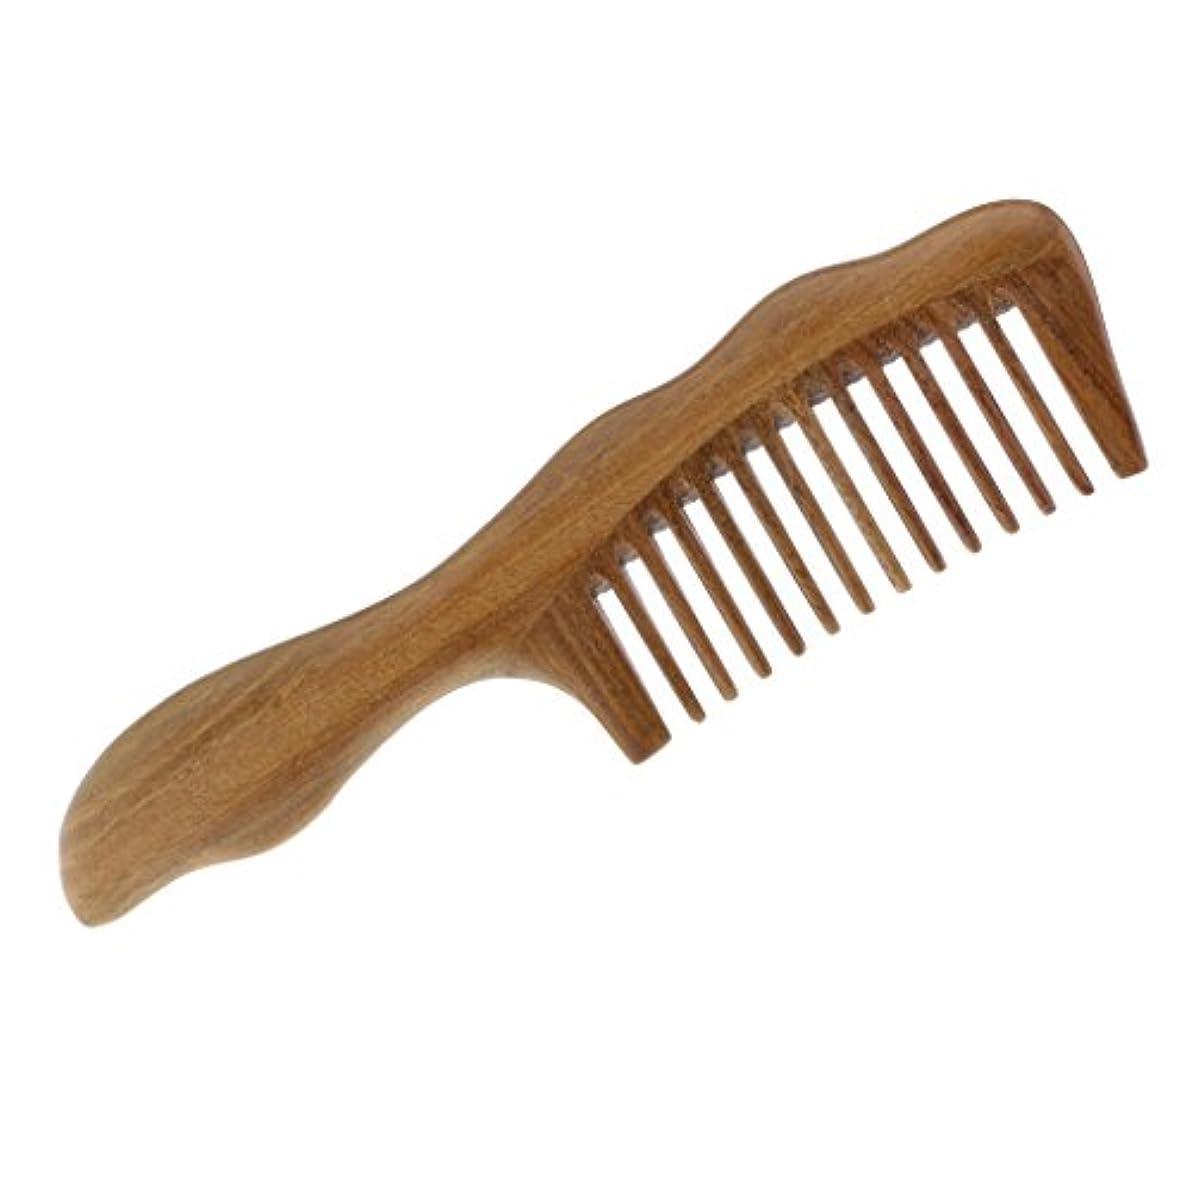 スマート狂った排除Toygogo 広い歯の櫛の木製のもつれの櫛、木製の毛のブラシ/Sandalwoodの非静的な木の櫛